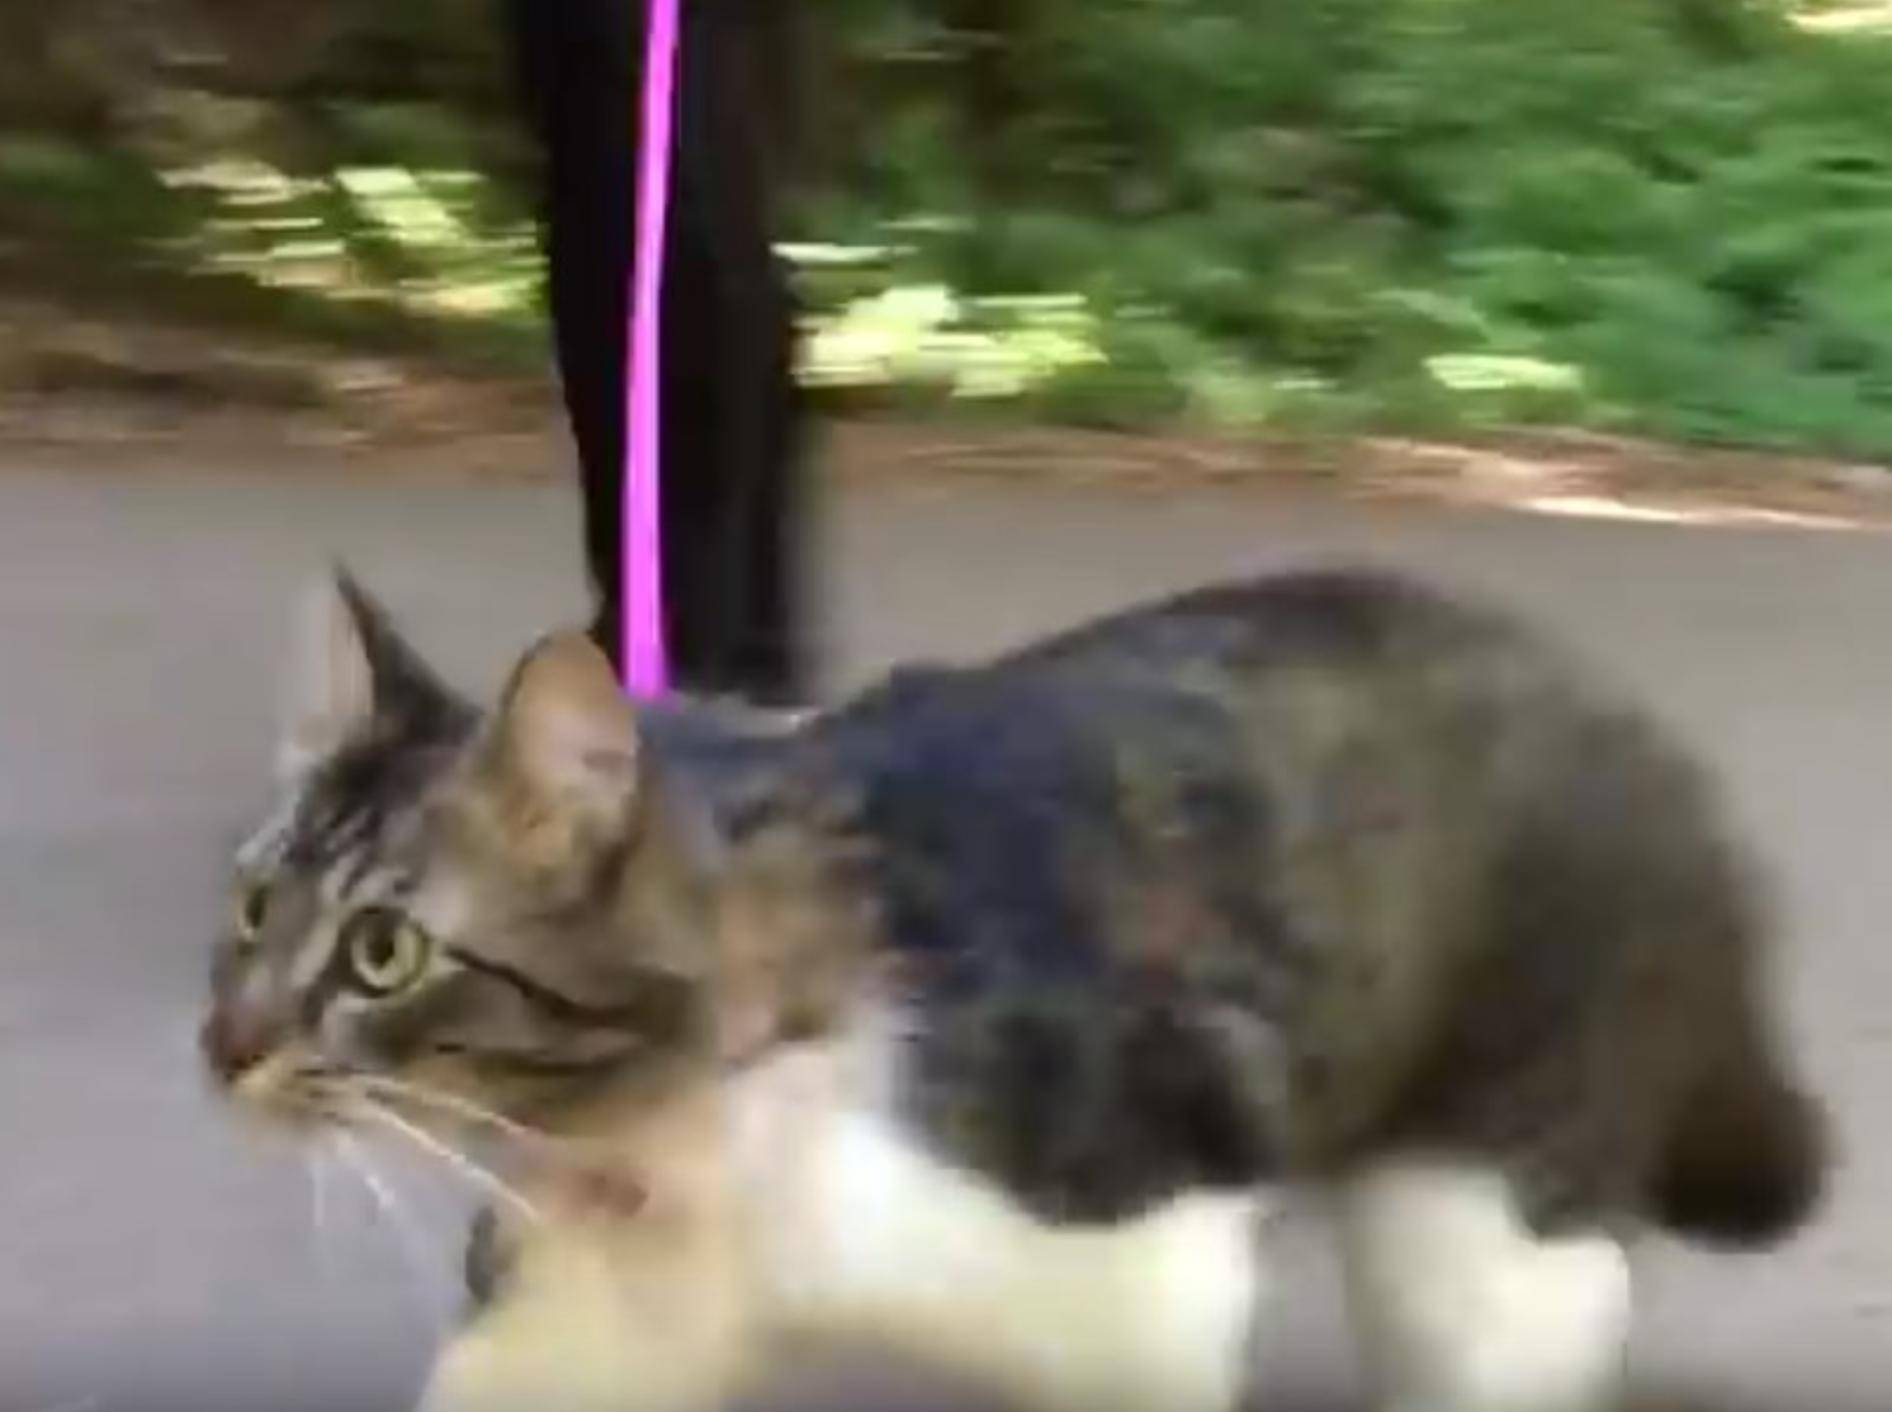 Katze Rosie hat richtig Spaß im Wald – genau wie ihre Hundefreunde – YouTube / Lilothehusky